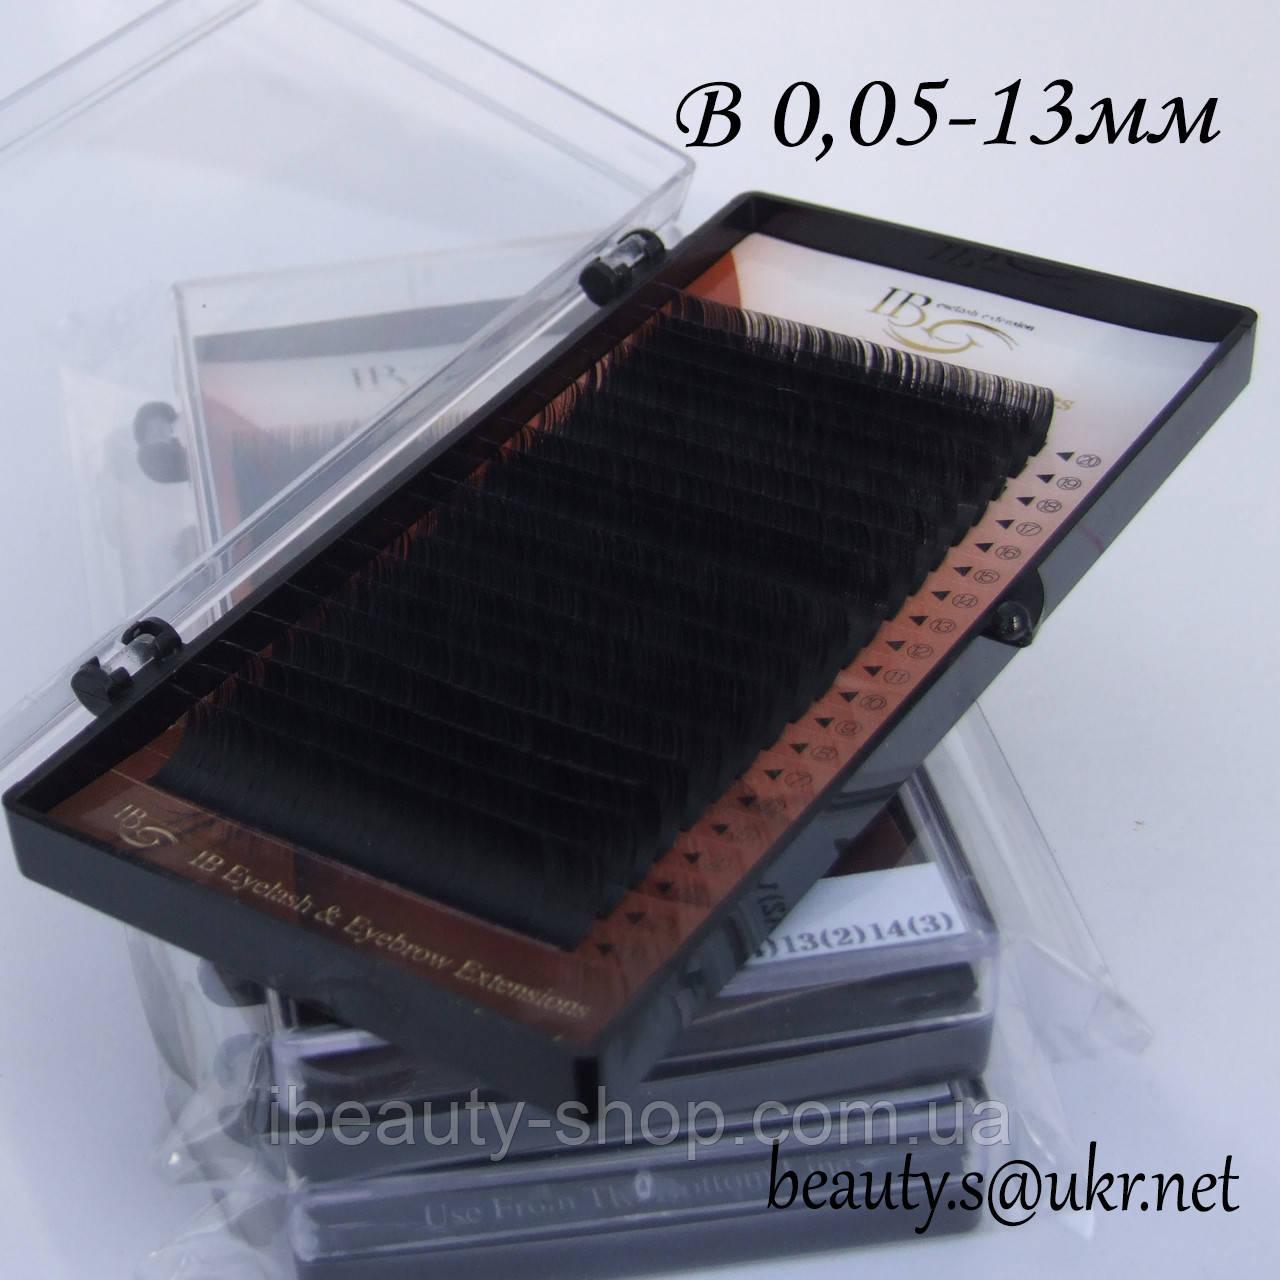 Ресницы  I-Beauty на ленте B 0,05-13мм